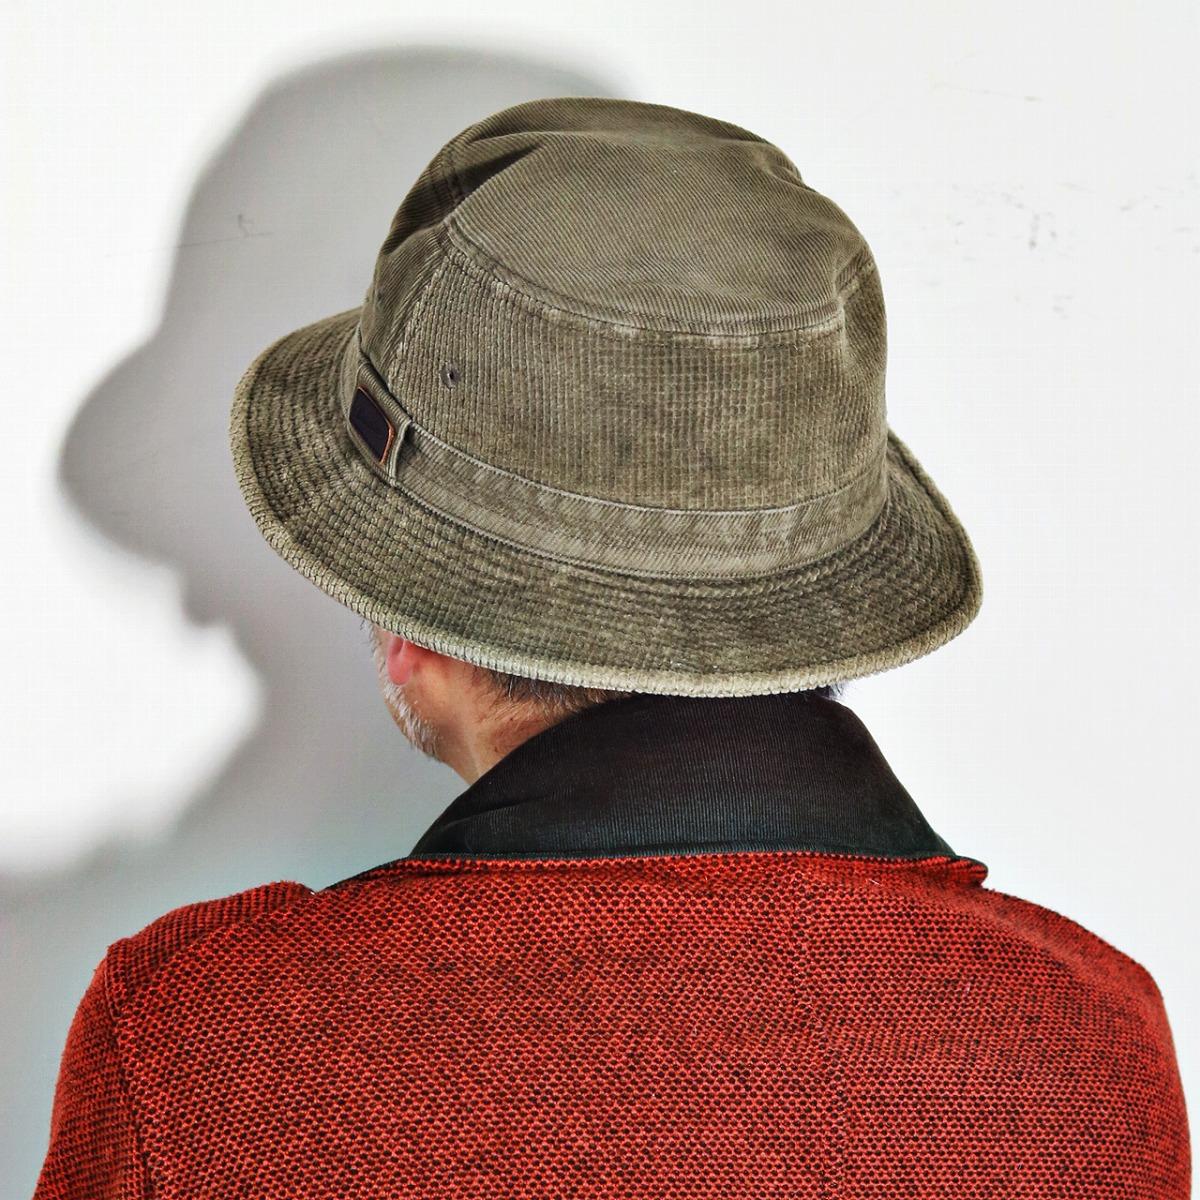 ... Cap Hat mens borsalino corduroy sahari Hat autumn winter corduroy   in  tea (Safari f4f3785da382